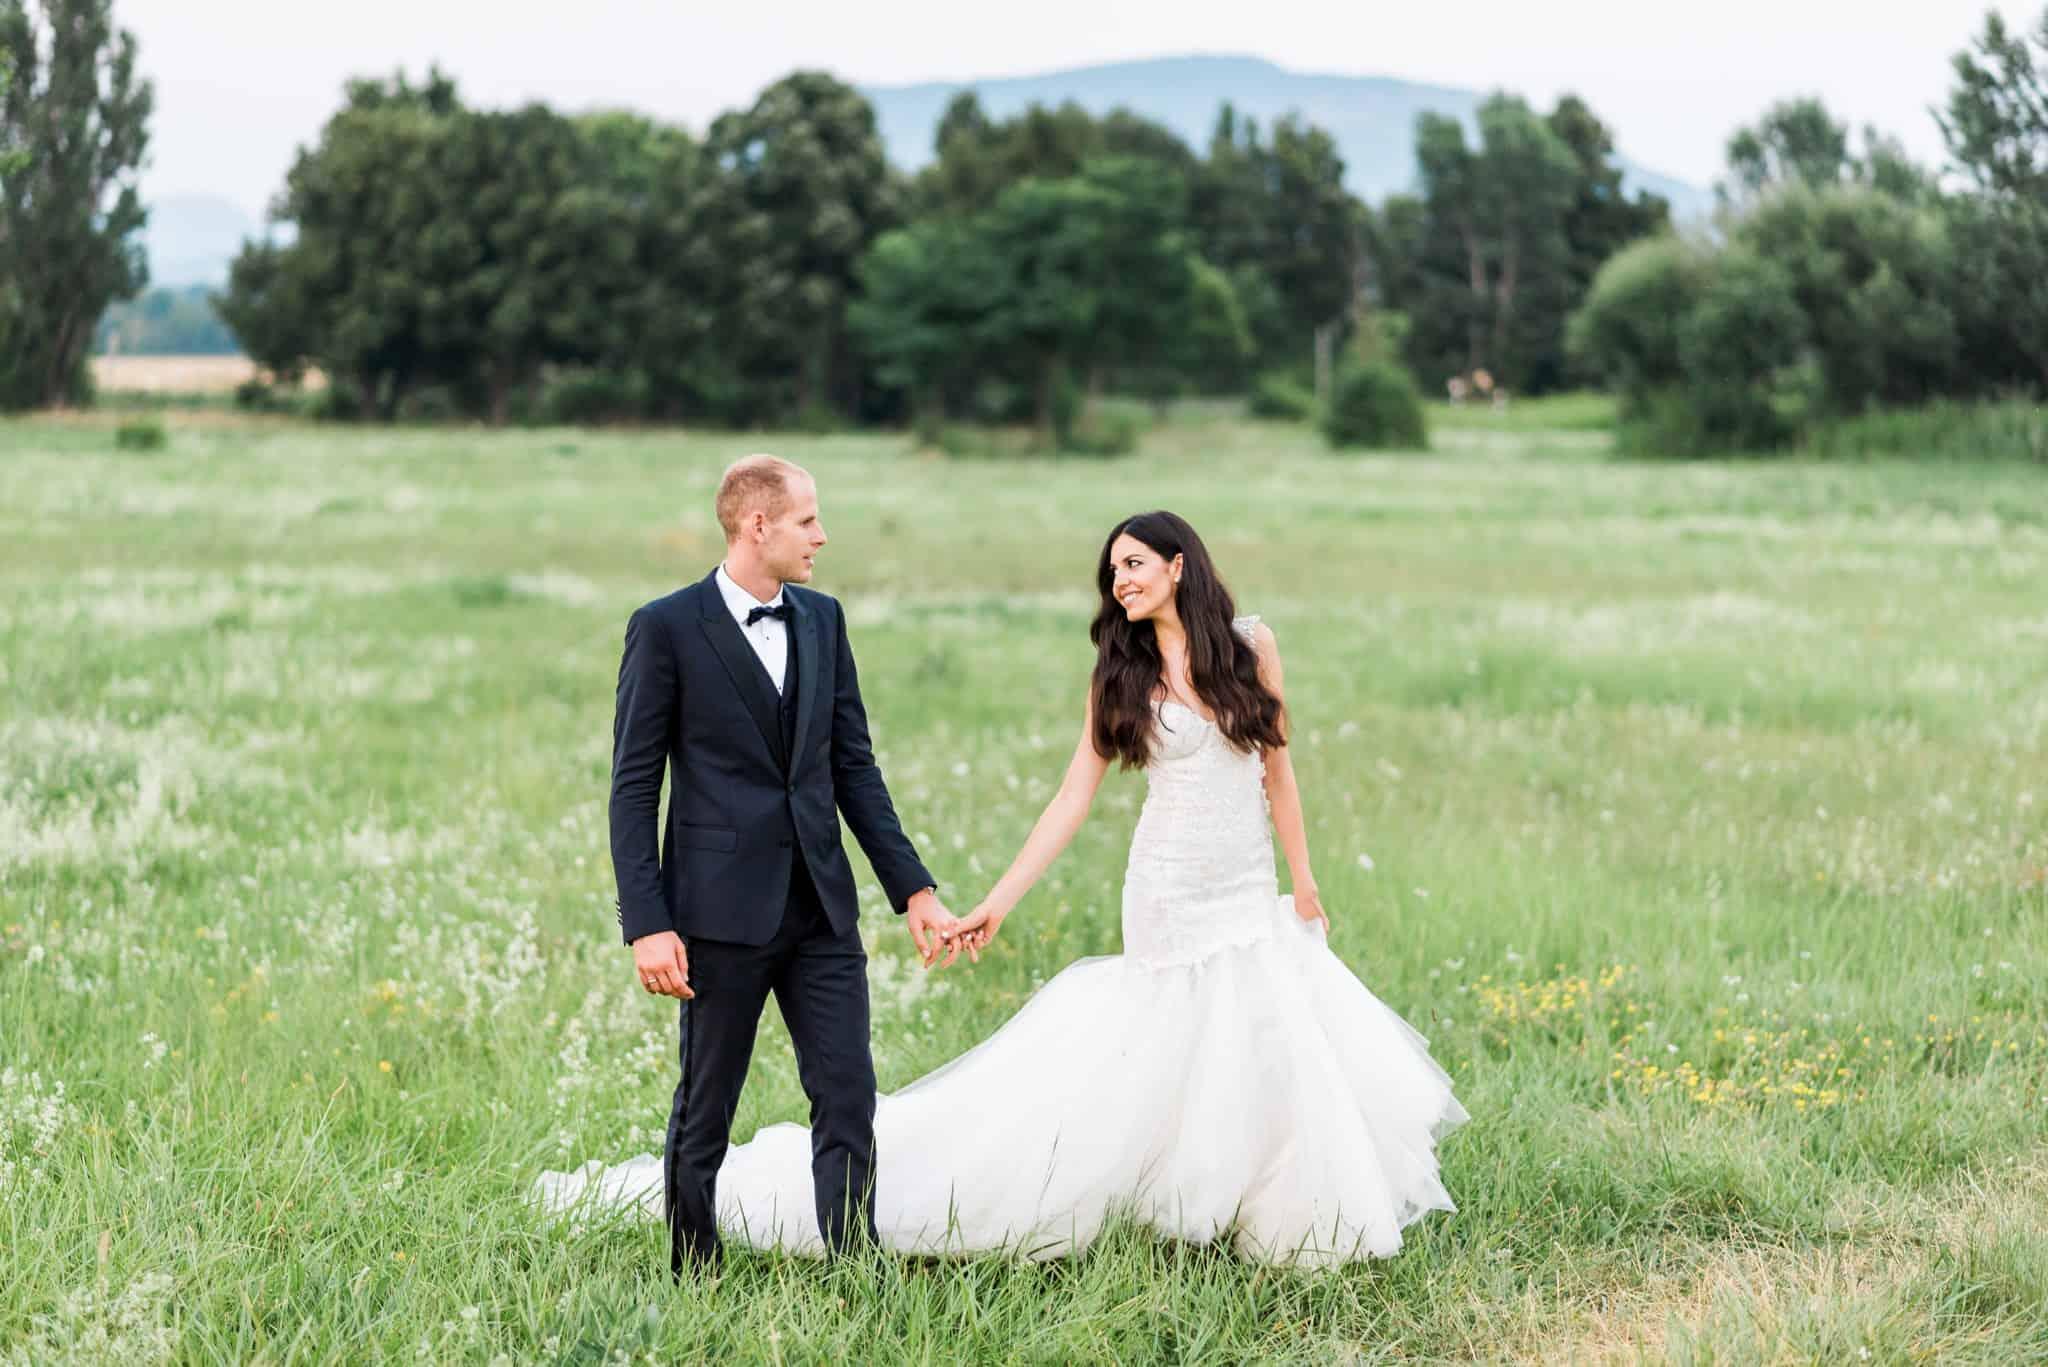 Wedoverhills_Prewedding_Film_Photographer_Hungary_0044